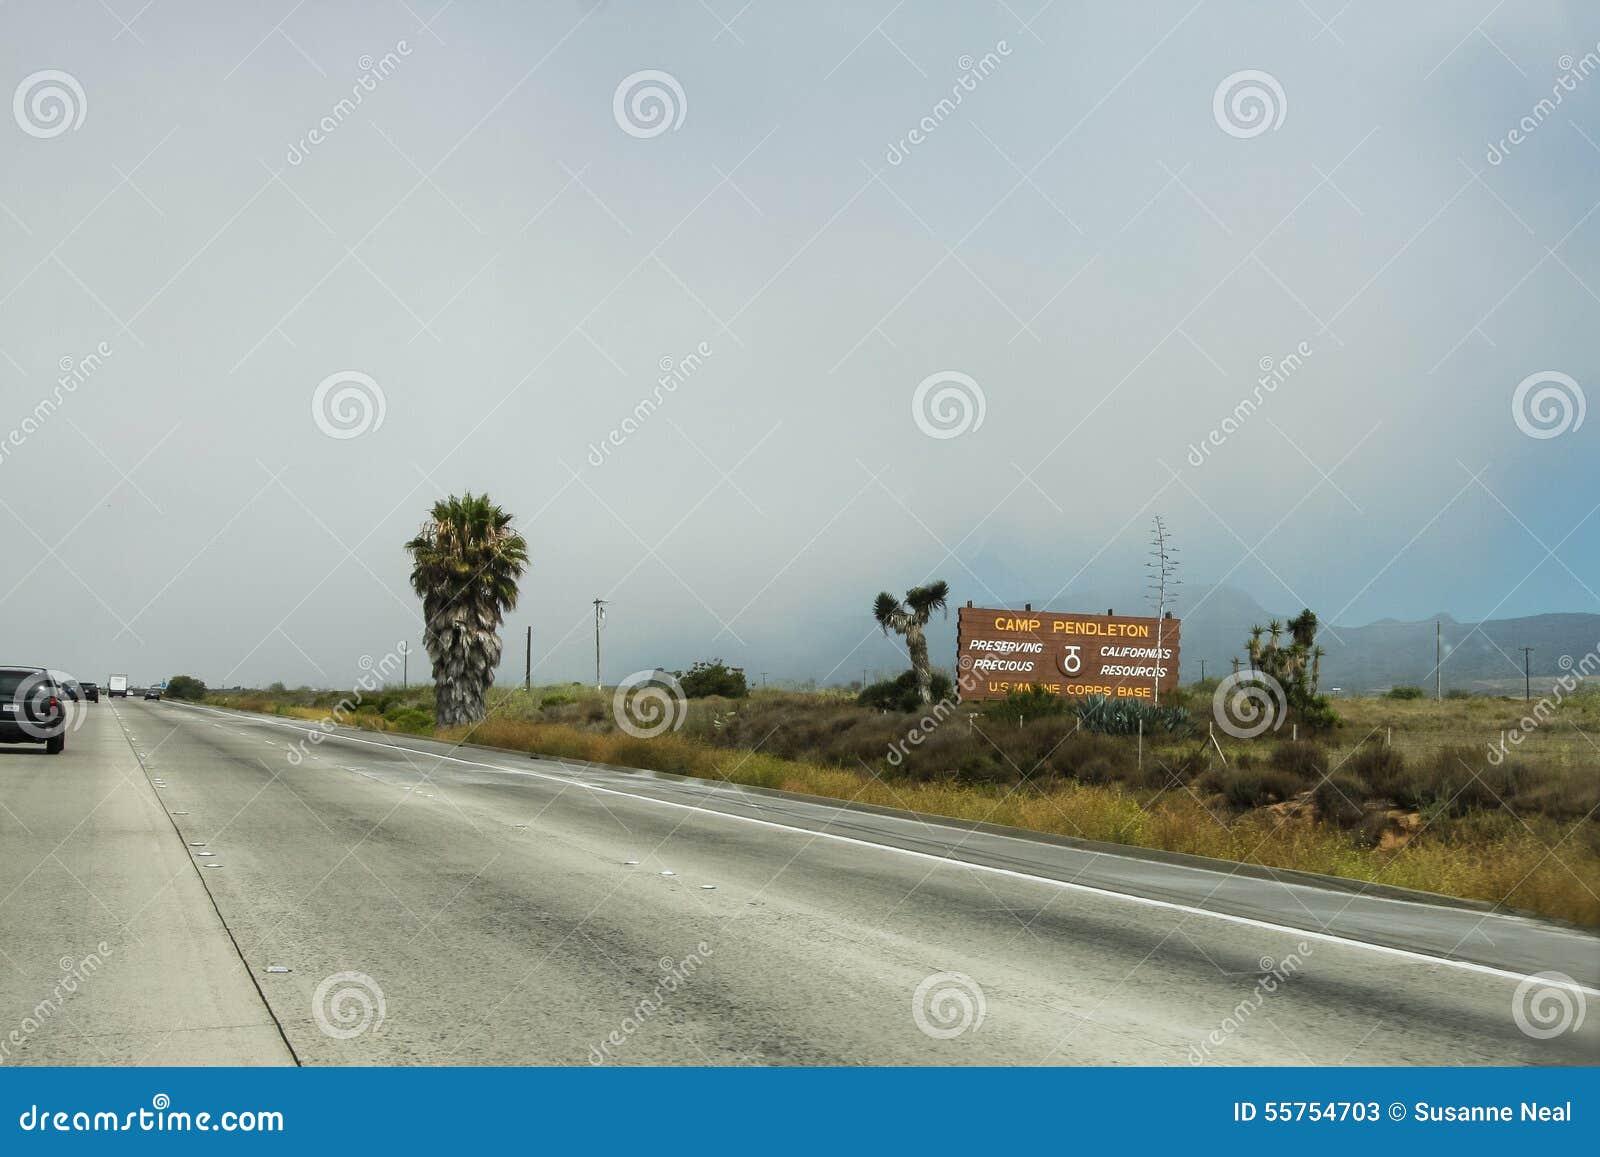 Het teken van kamppendleton in Californië